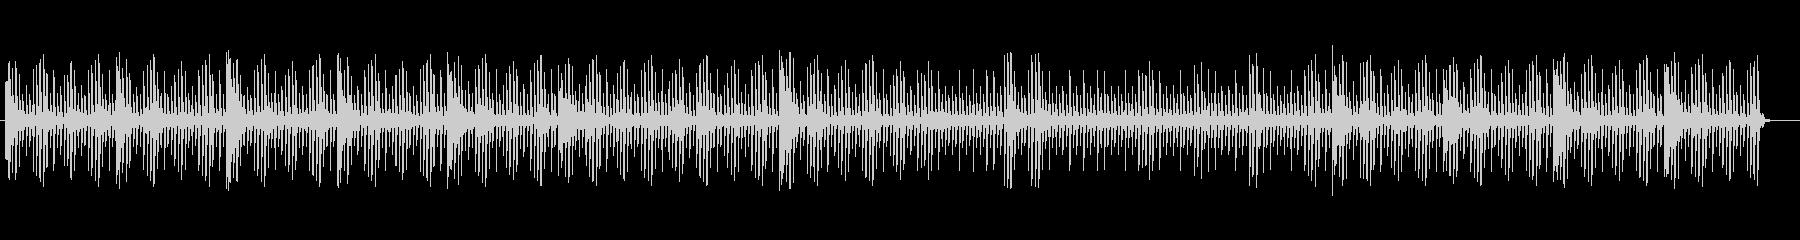 ヒーリングミュージックなテクノの未再生の波形